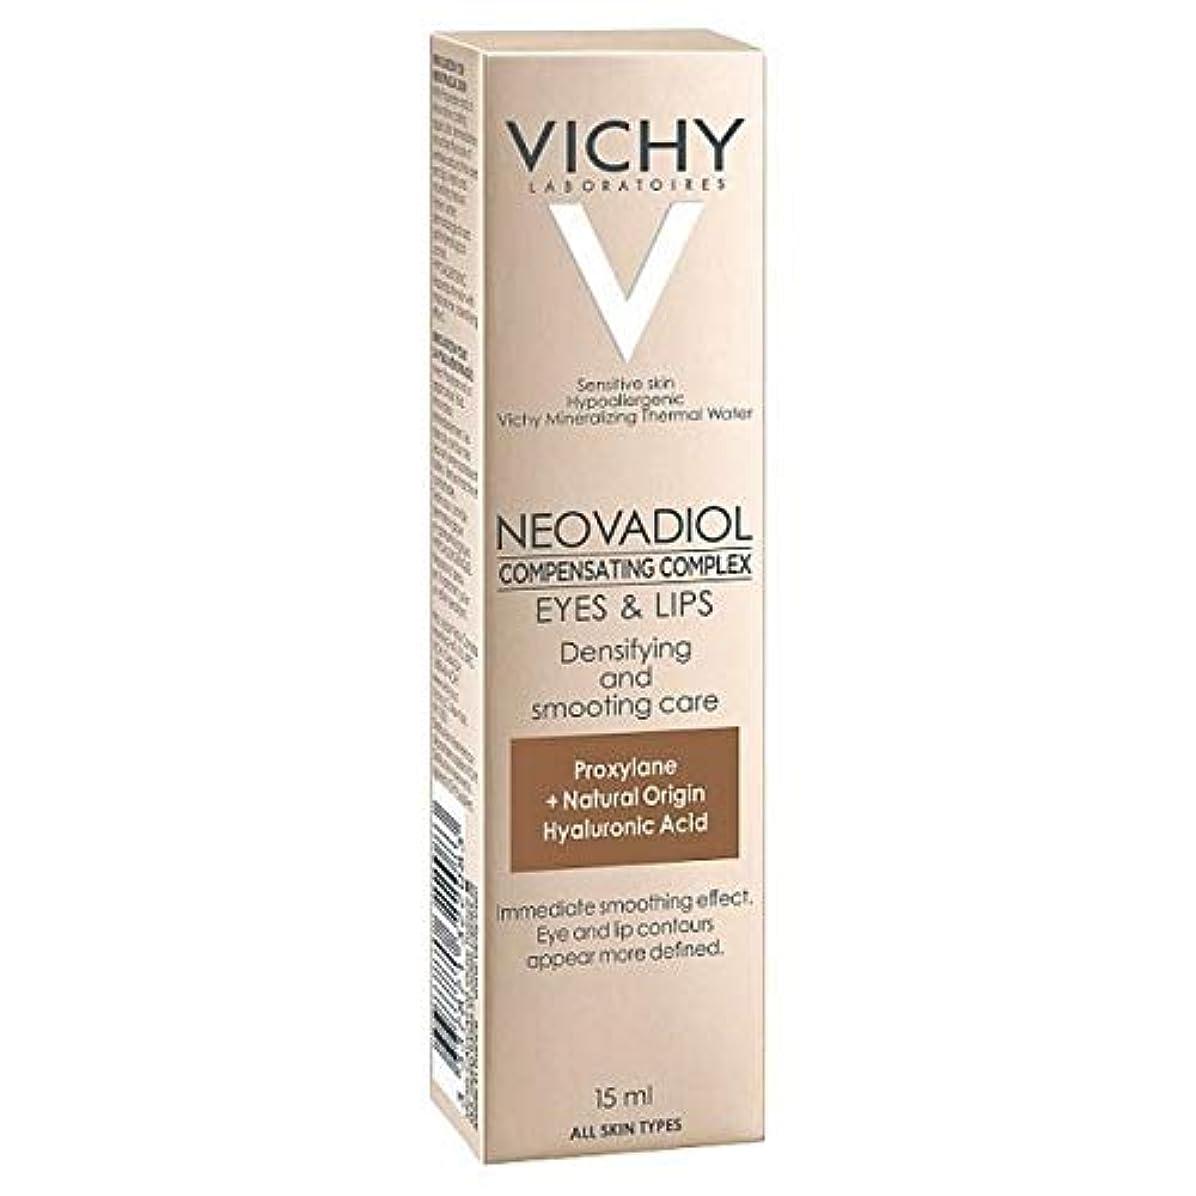 無秩序ひばりしてはいけません[Vichy] アンチエイジングリップ&アイ輪郭クリーム15ミリリットルNeovadiolヴィシー - Vichy Neovadiol Anti-Ageing Lip & Eye Contours Cream 15ml [並行輸入品]